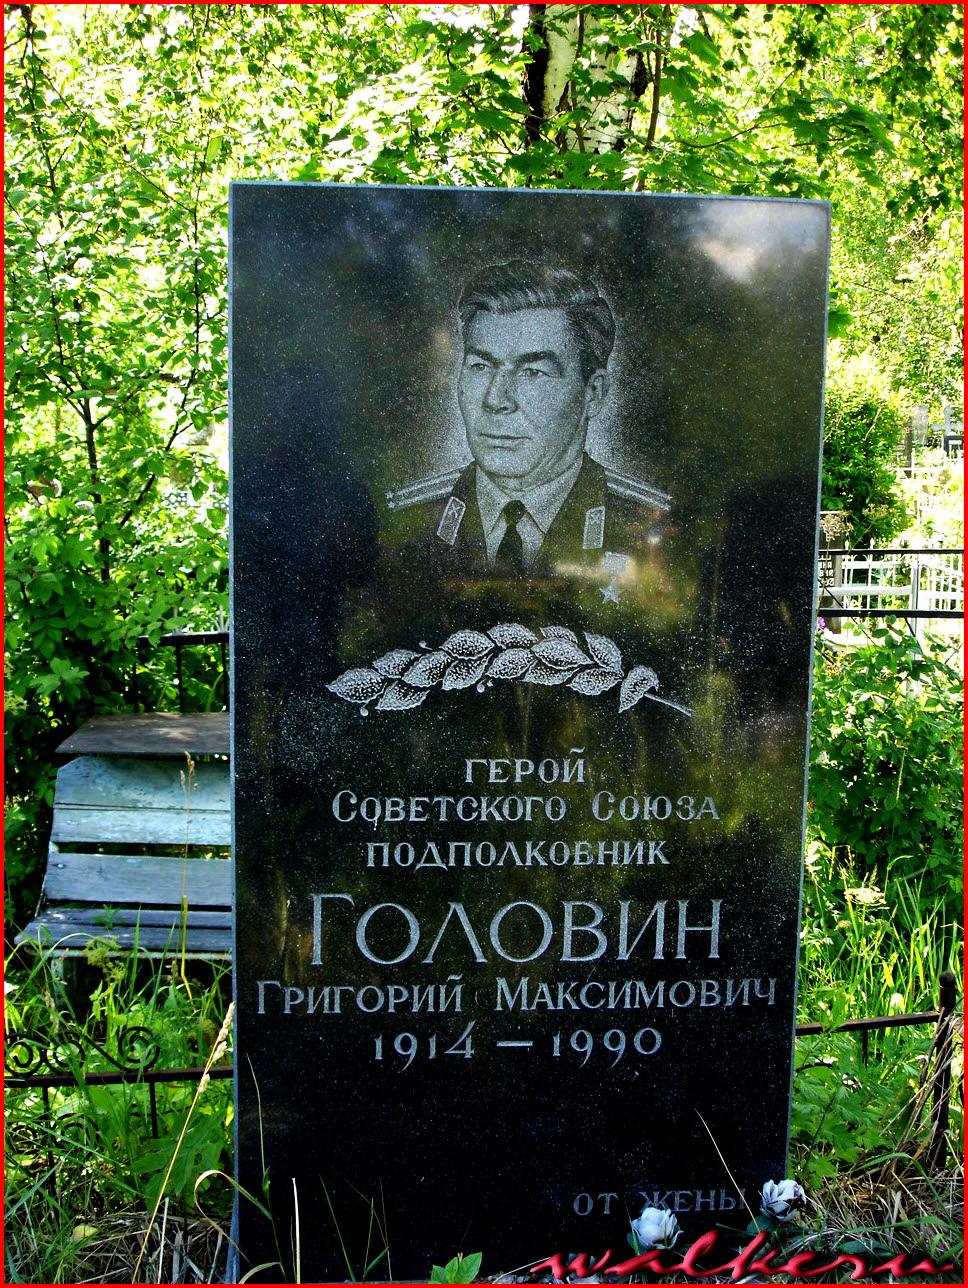 Могила Головина Г.М.на Павловском кладбище